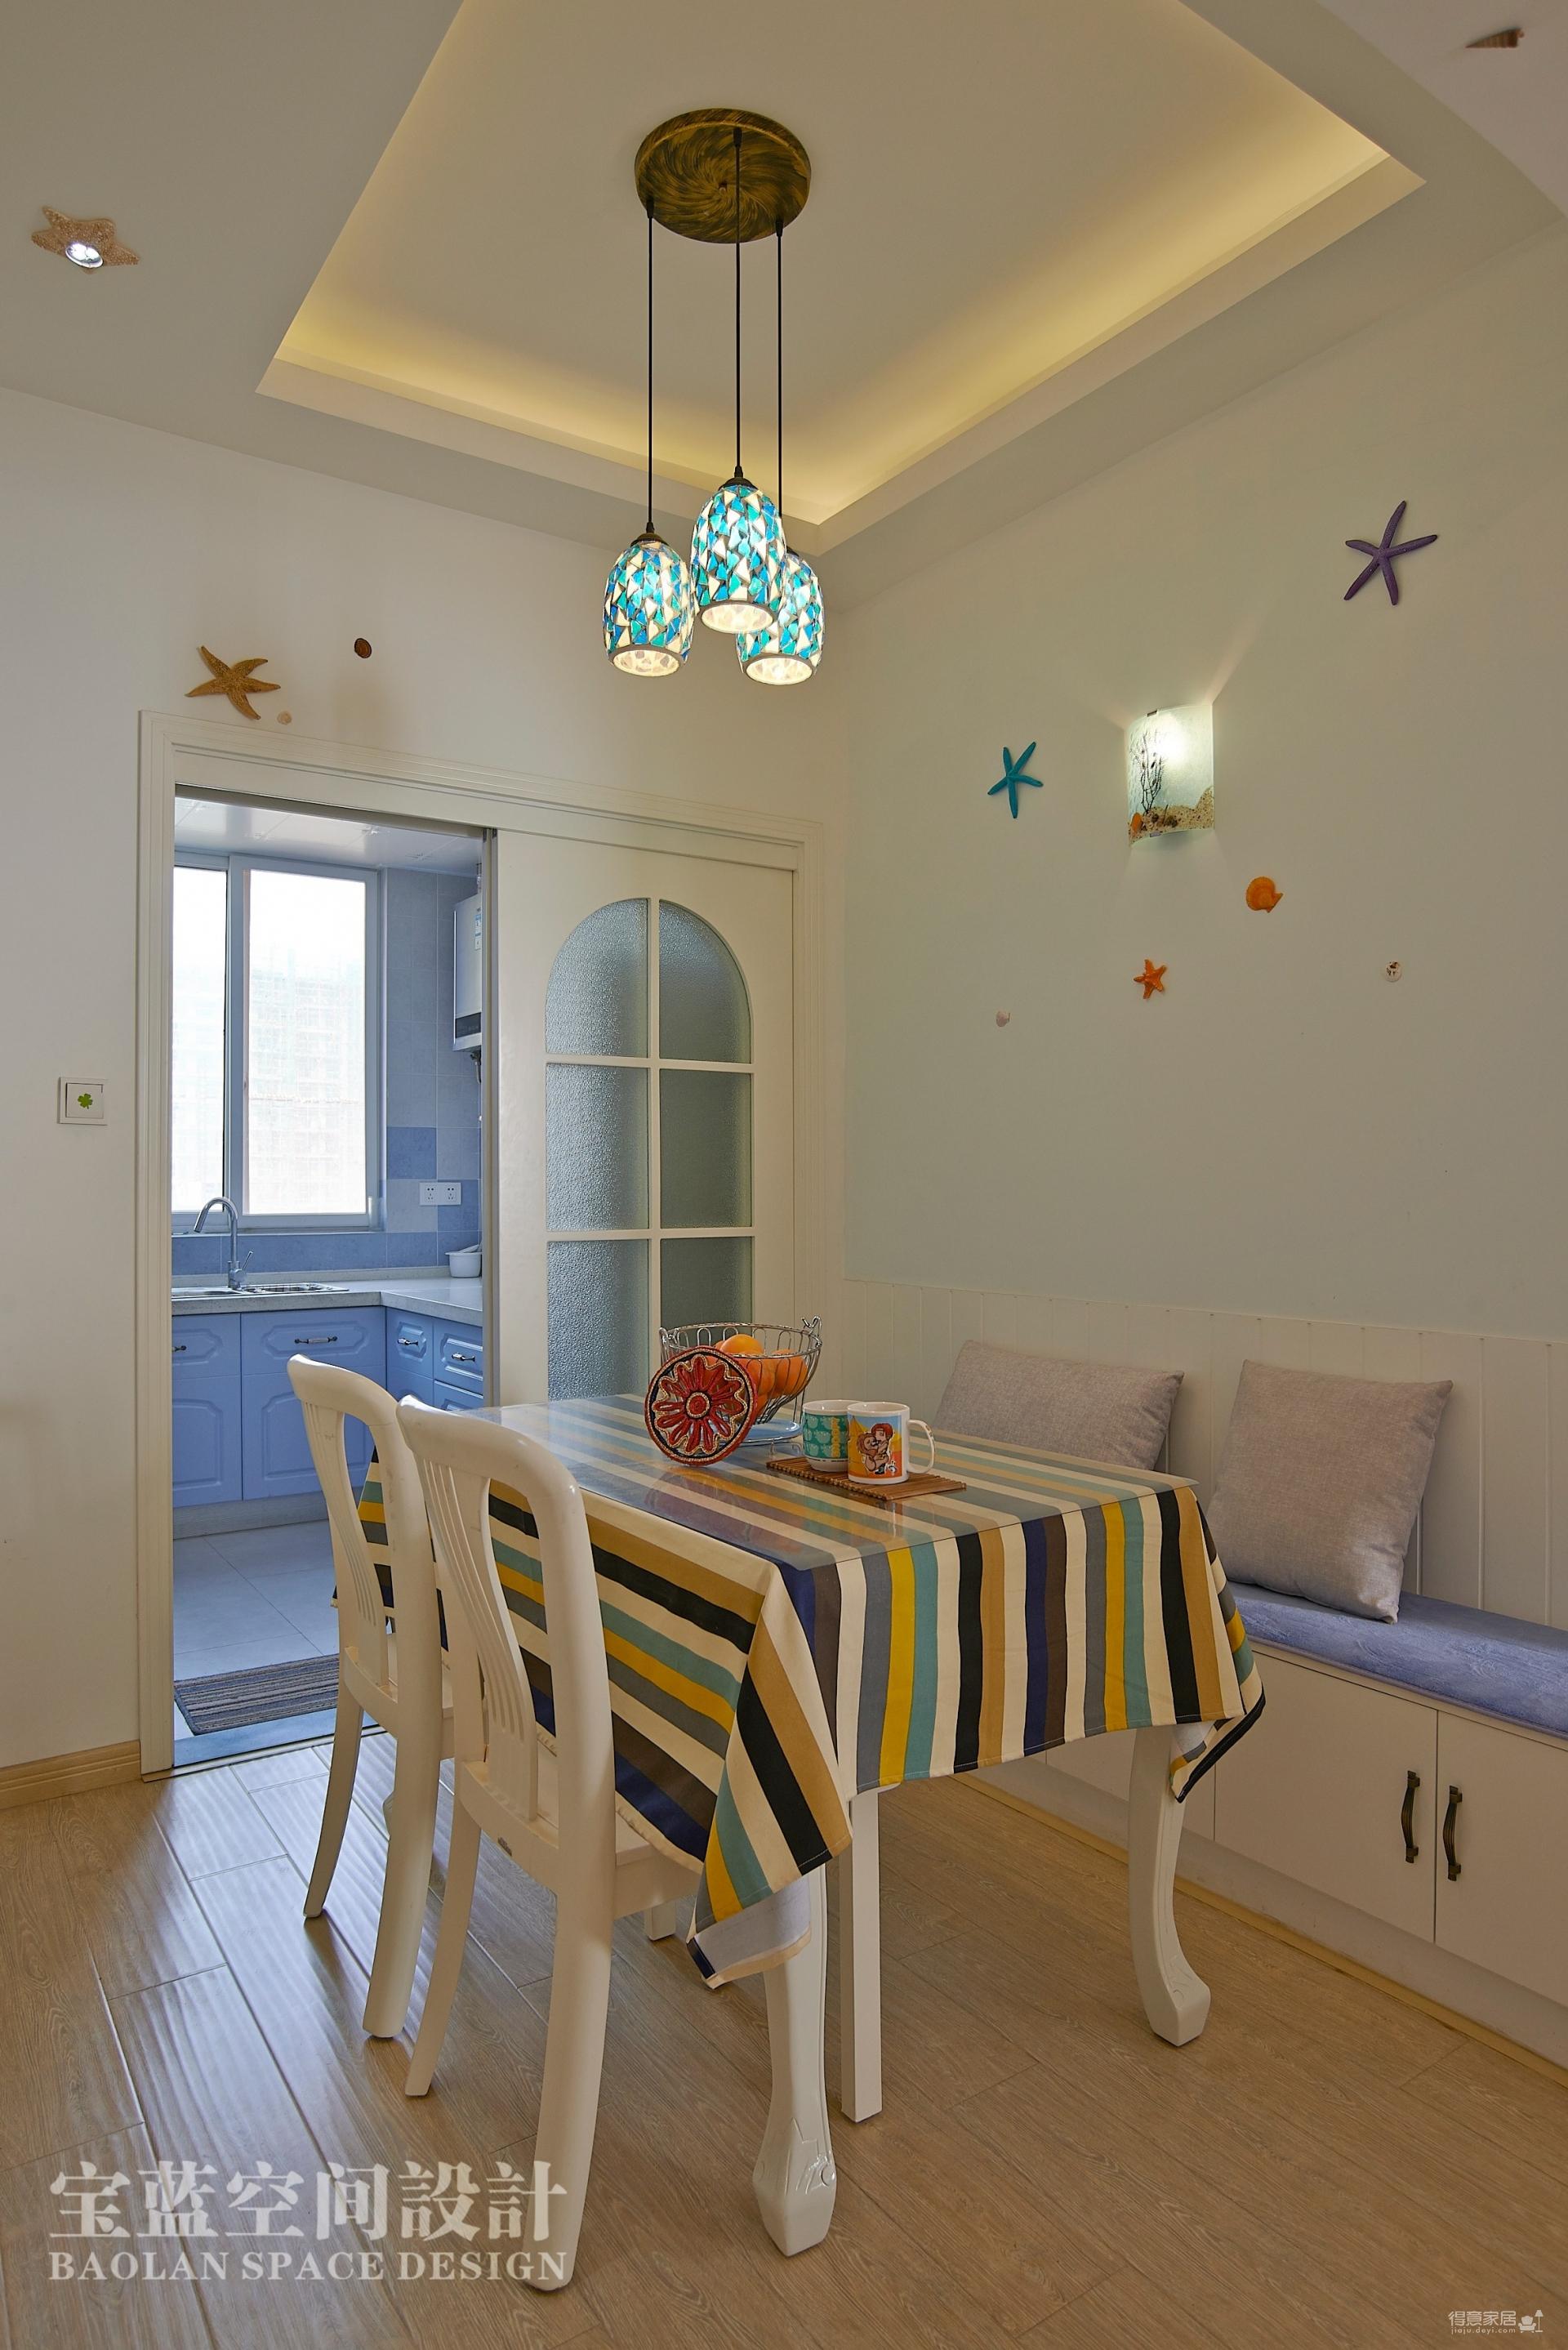 当代安普顿-92平-客户是两个年轻人,喜欢地中海的小清新,但是买房后预算不是很充足,后期的风格定位为地中海风格和简约风格的混搭,现场制作的造型比较少,后面进软饰和家具搭配的比较多。整套方案完工后,是在简约的框架里,搭配地中海的部分主题色彩以及层次需要,完成了简单的地中海风格。